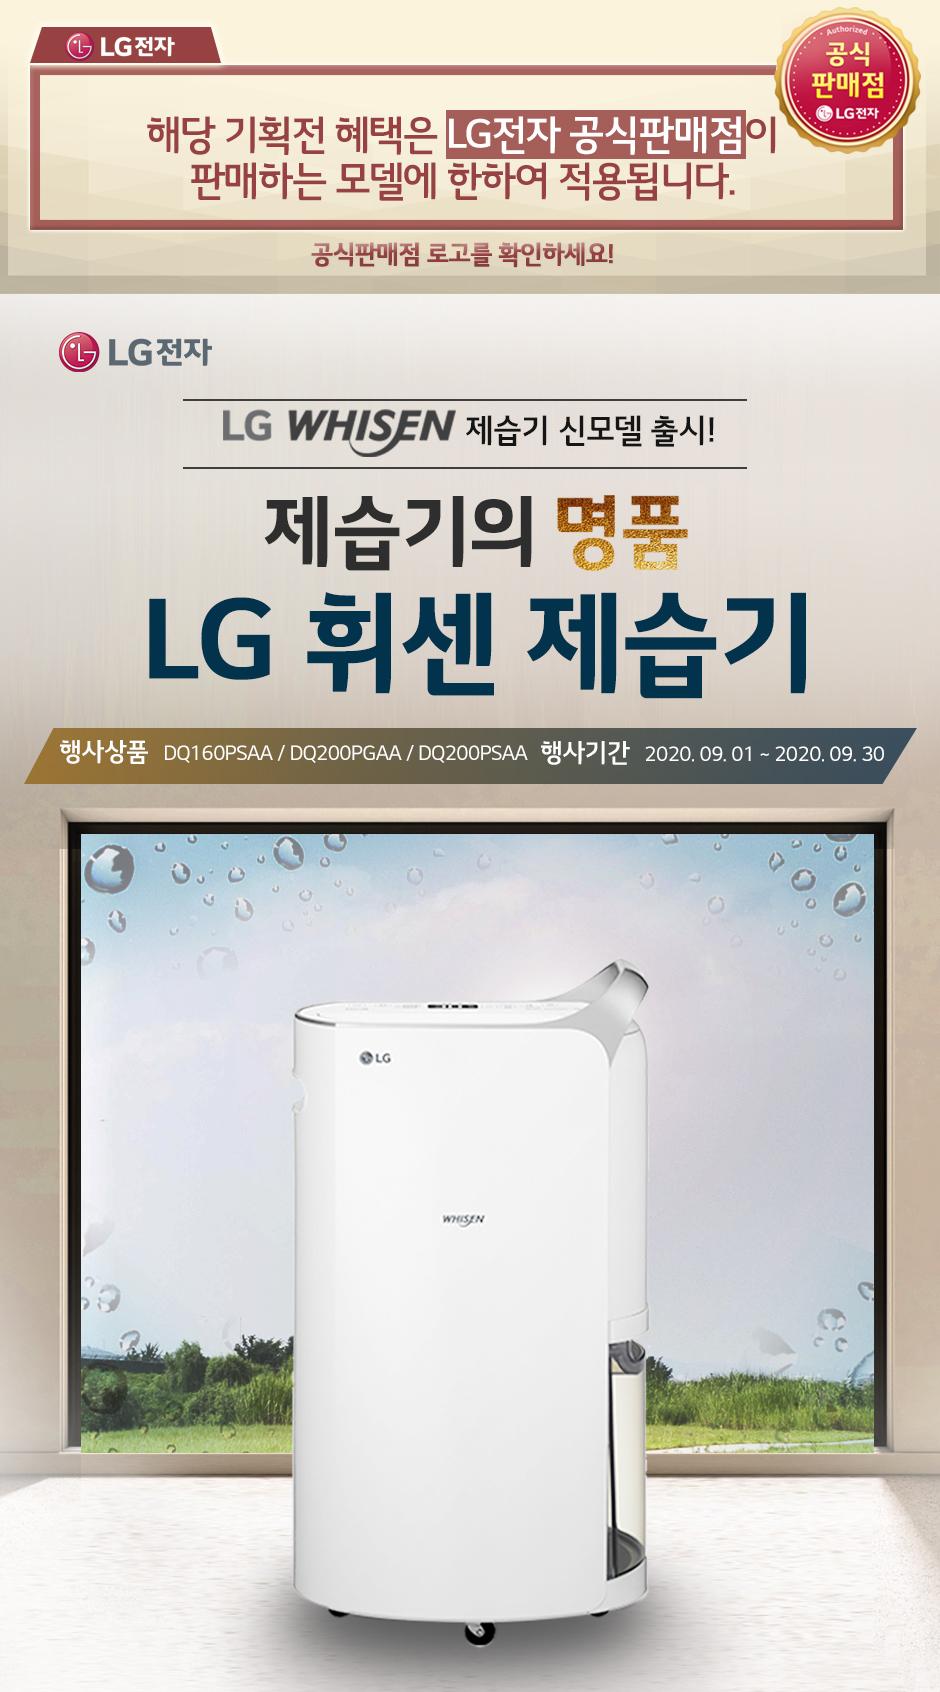 [LG전자] 제습기의 명품. LG 휘센 제습기